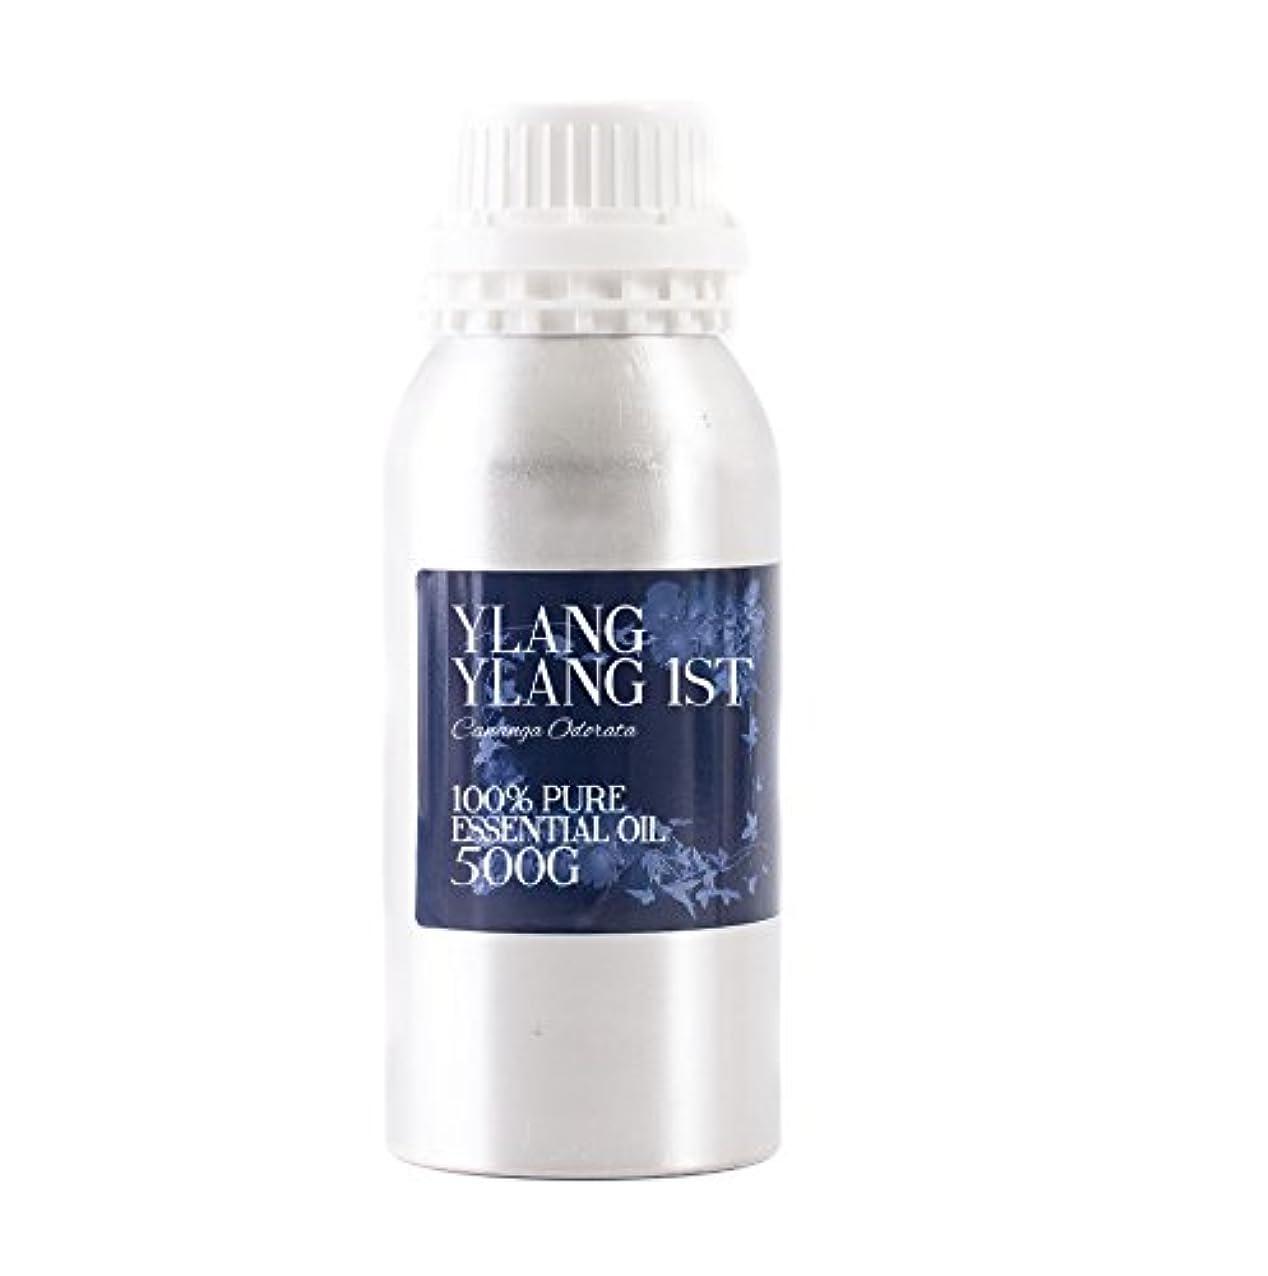 可塑性郊外省略するMystic Moments | Ylang Ylang 1st Essential Oil - 500g - 100% Pure